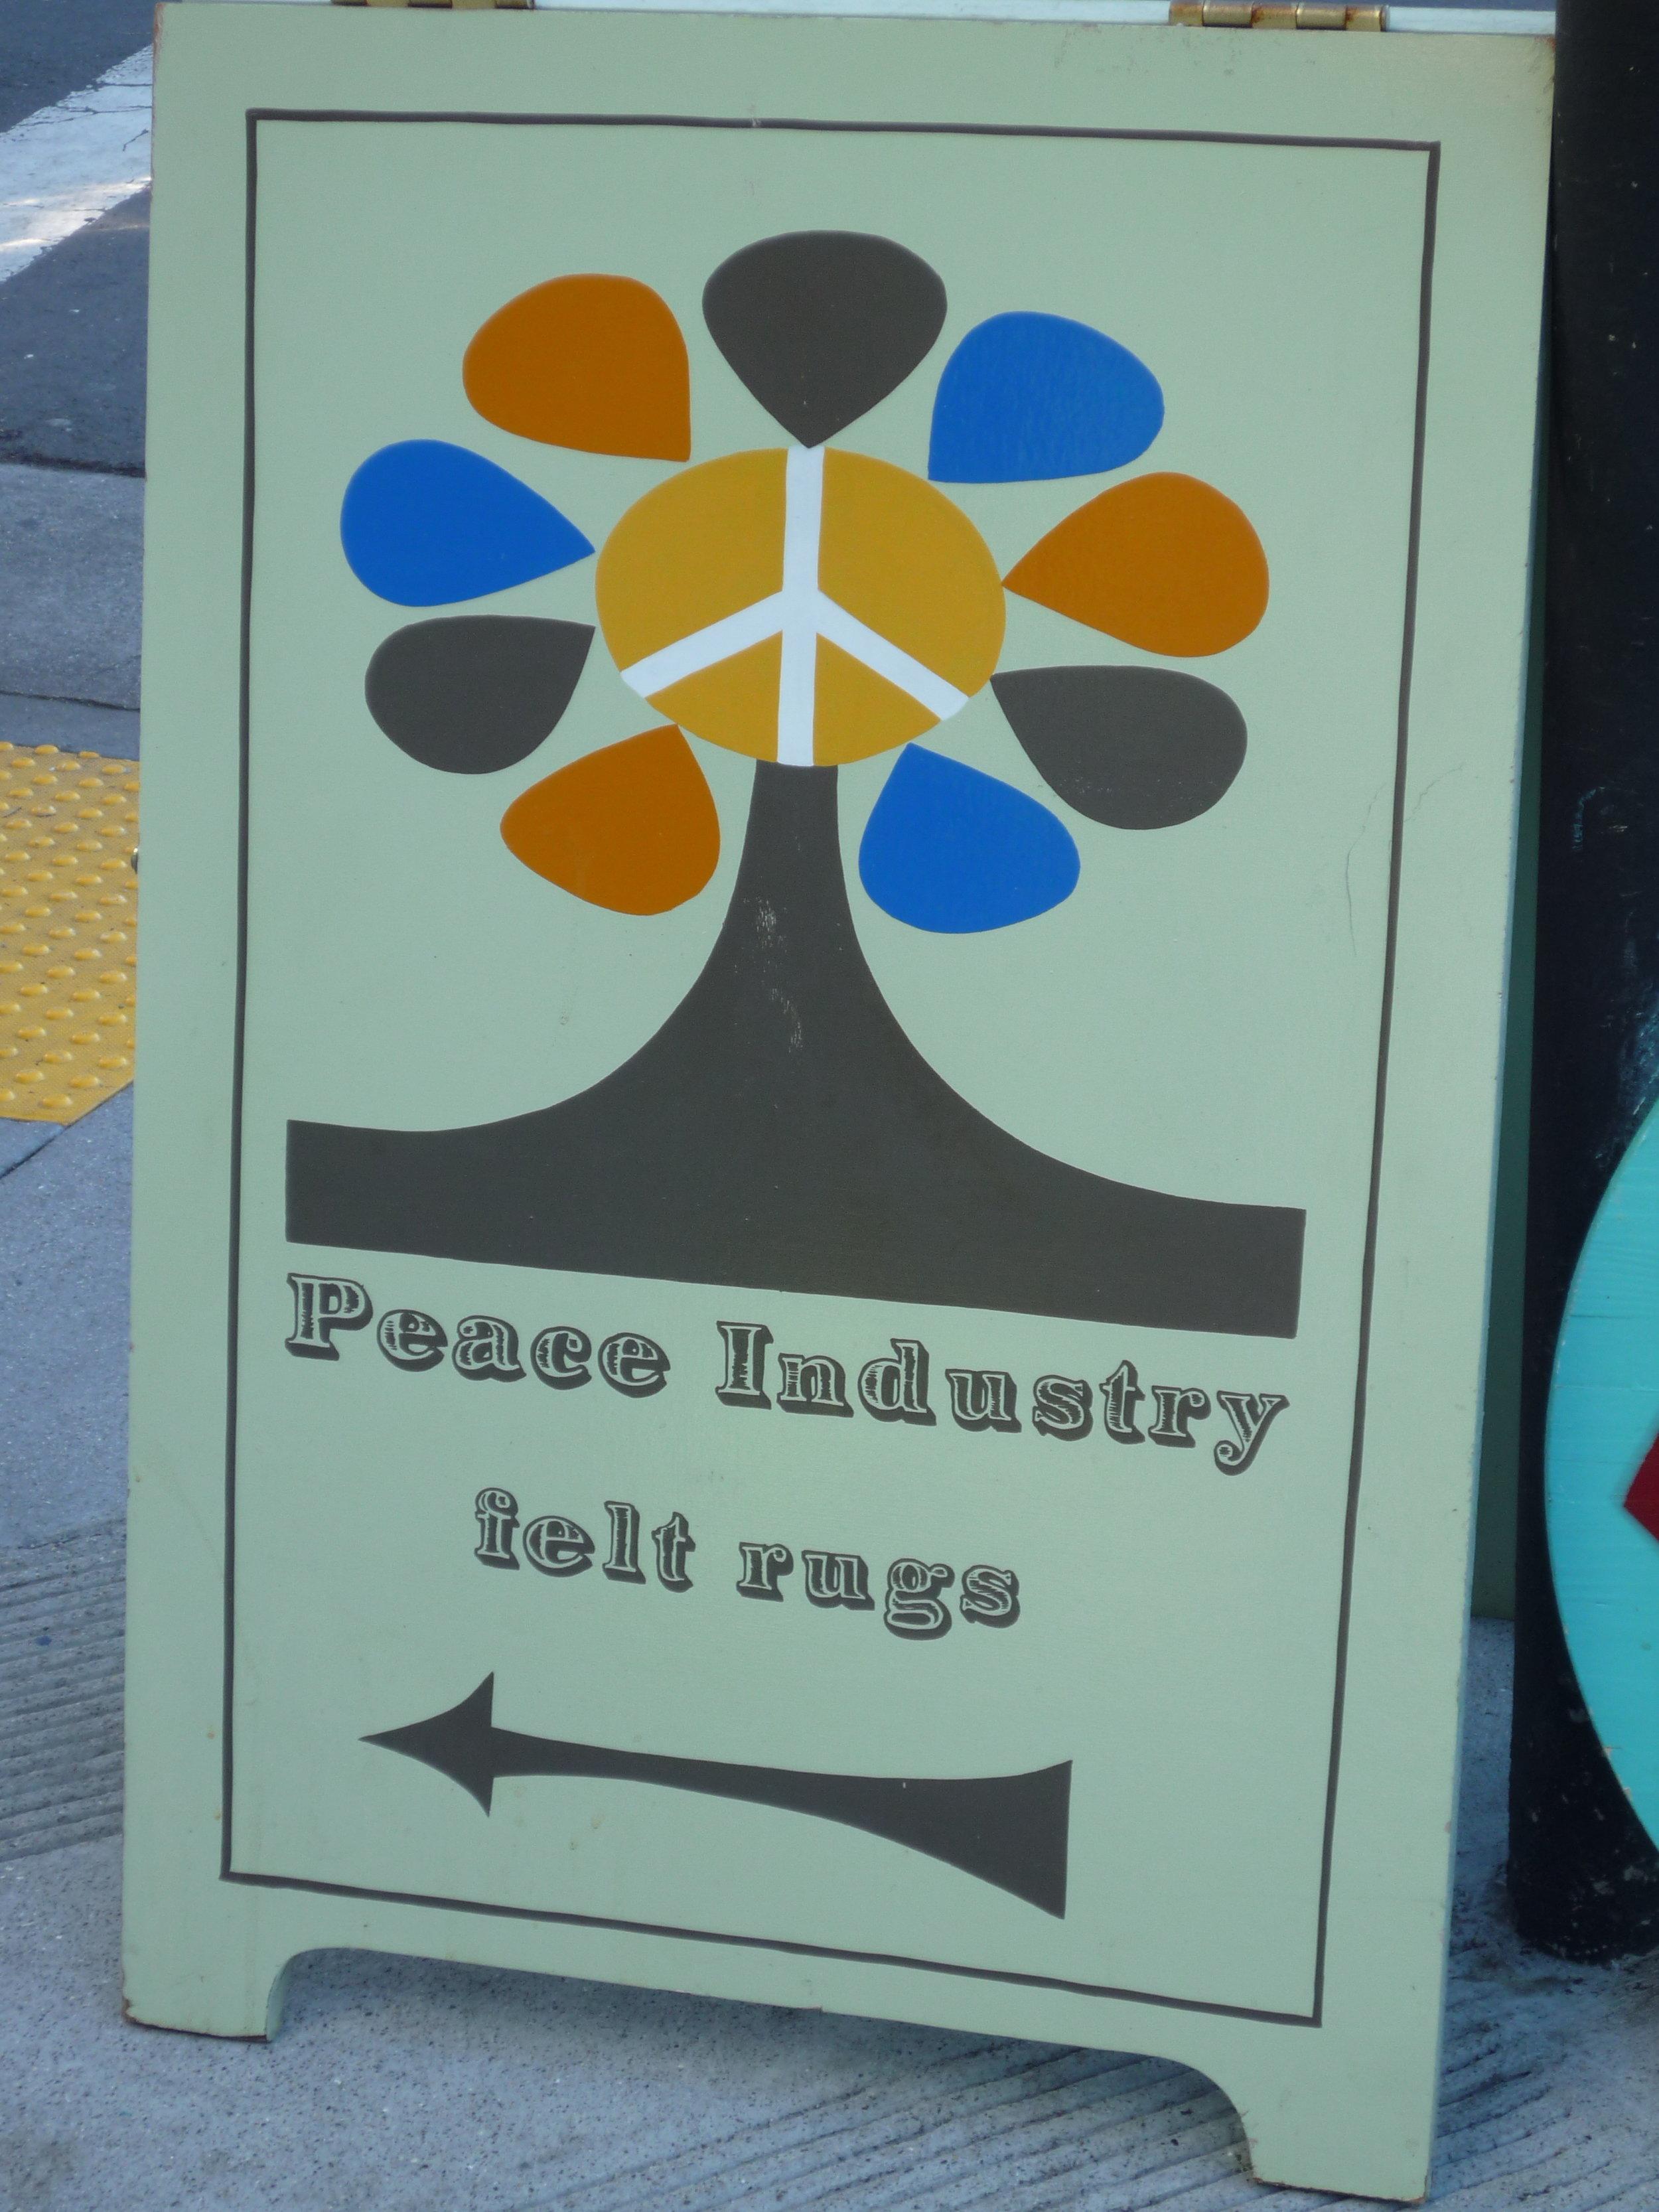 A-FRAME-peace-industry_3328956837_o.jpg